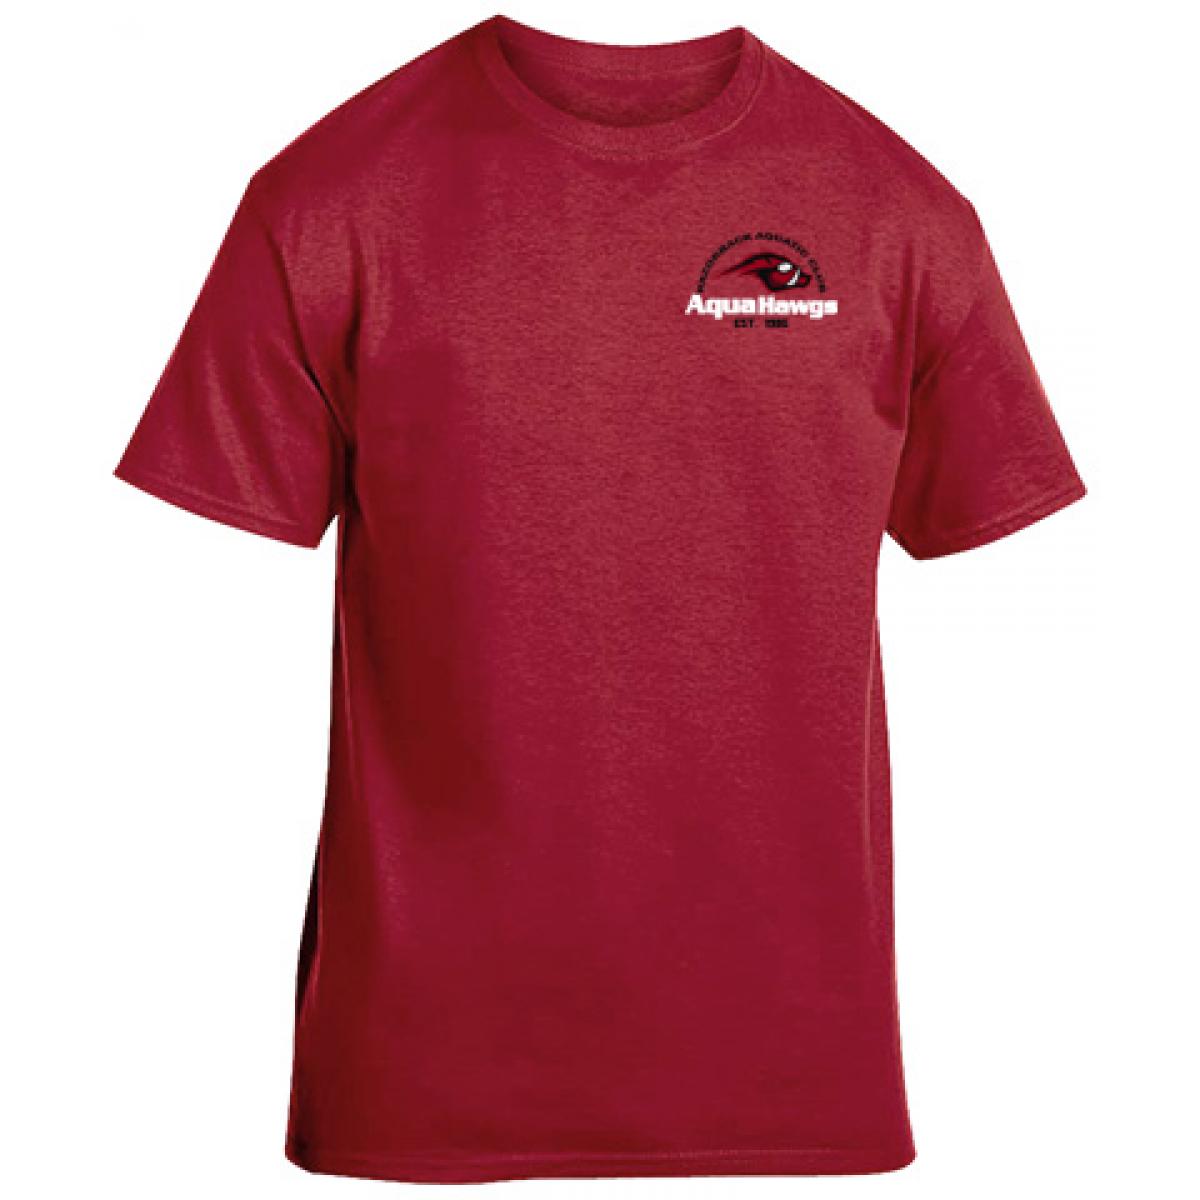 Gildan Cotton Short Sleeve T-Shirt - Cardinal Red-Cardinal Red-L